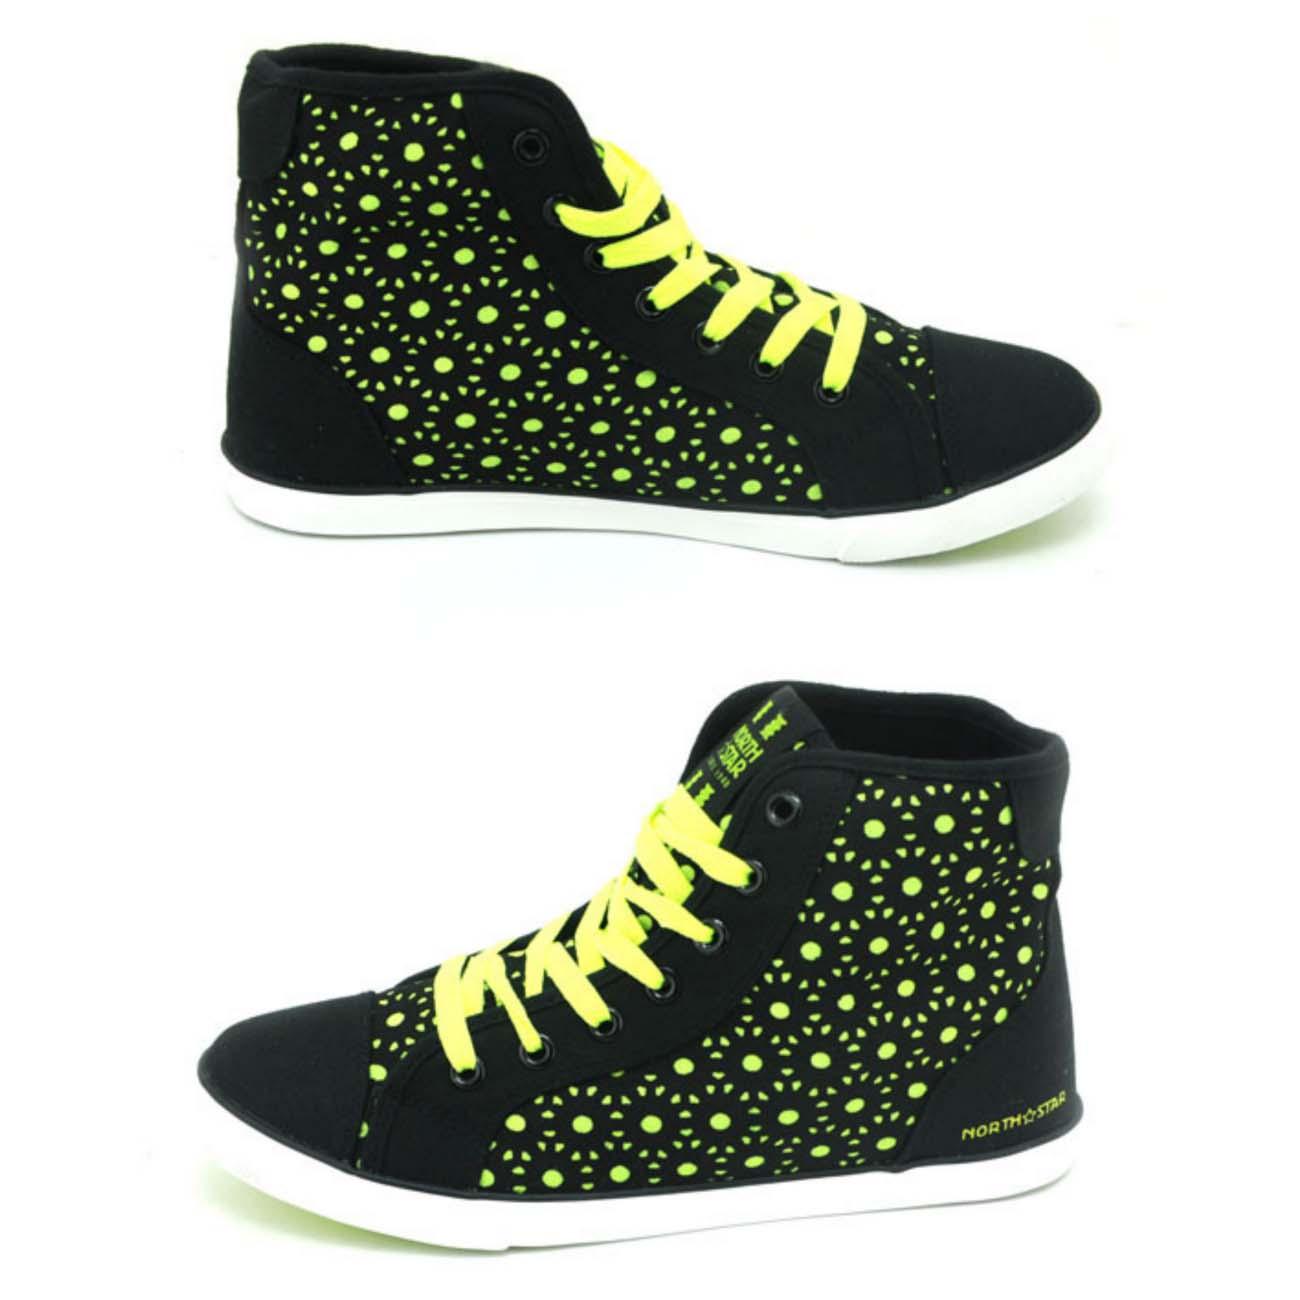 bata shoes organization V roce 2000 měla bata shoe organization, jak se dnes firma nazývá, padesát výrobních závodů, devět koželužen, 4 743 prodejen.